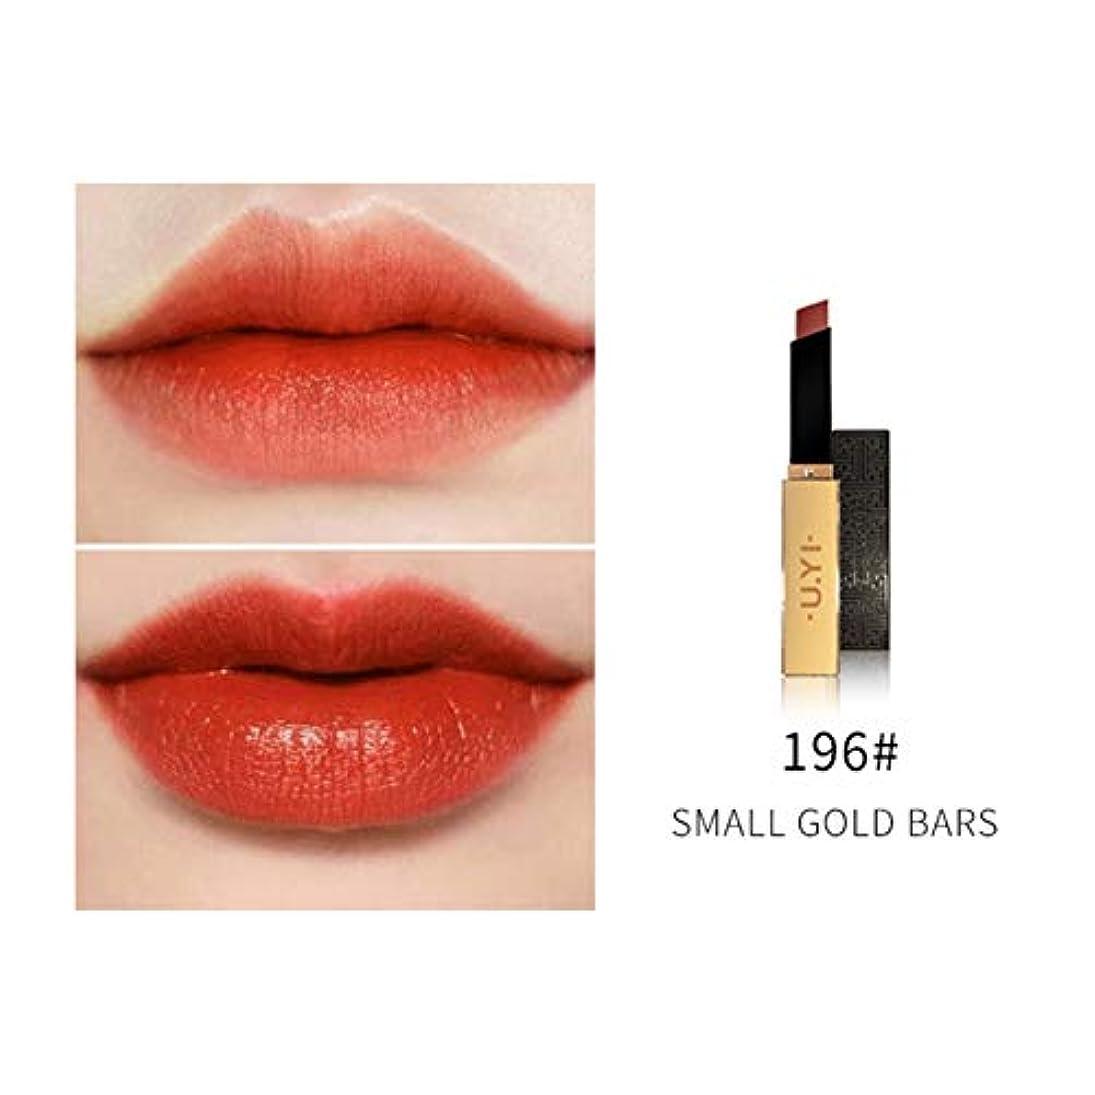 分割自分の混合したKISSION 口紅 ゴールドマットの小さな口紅 永続的な水分 保湿と非退色の口紅 レトロ マット口紅 焦げ付き防止のカップの口紅 化粧道具